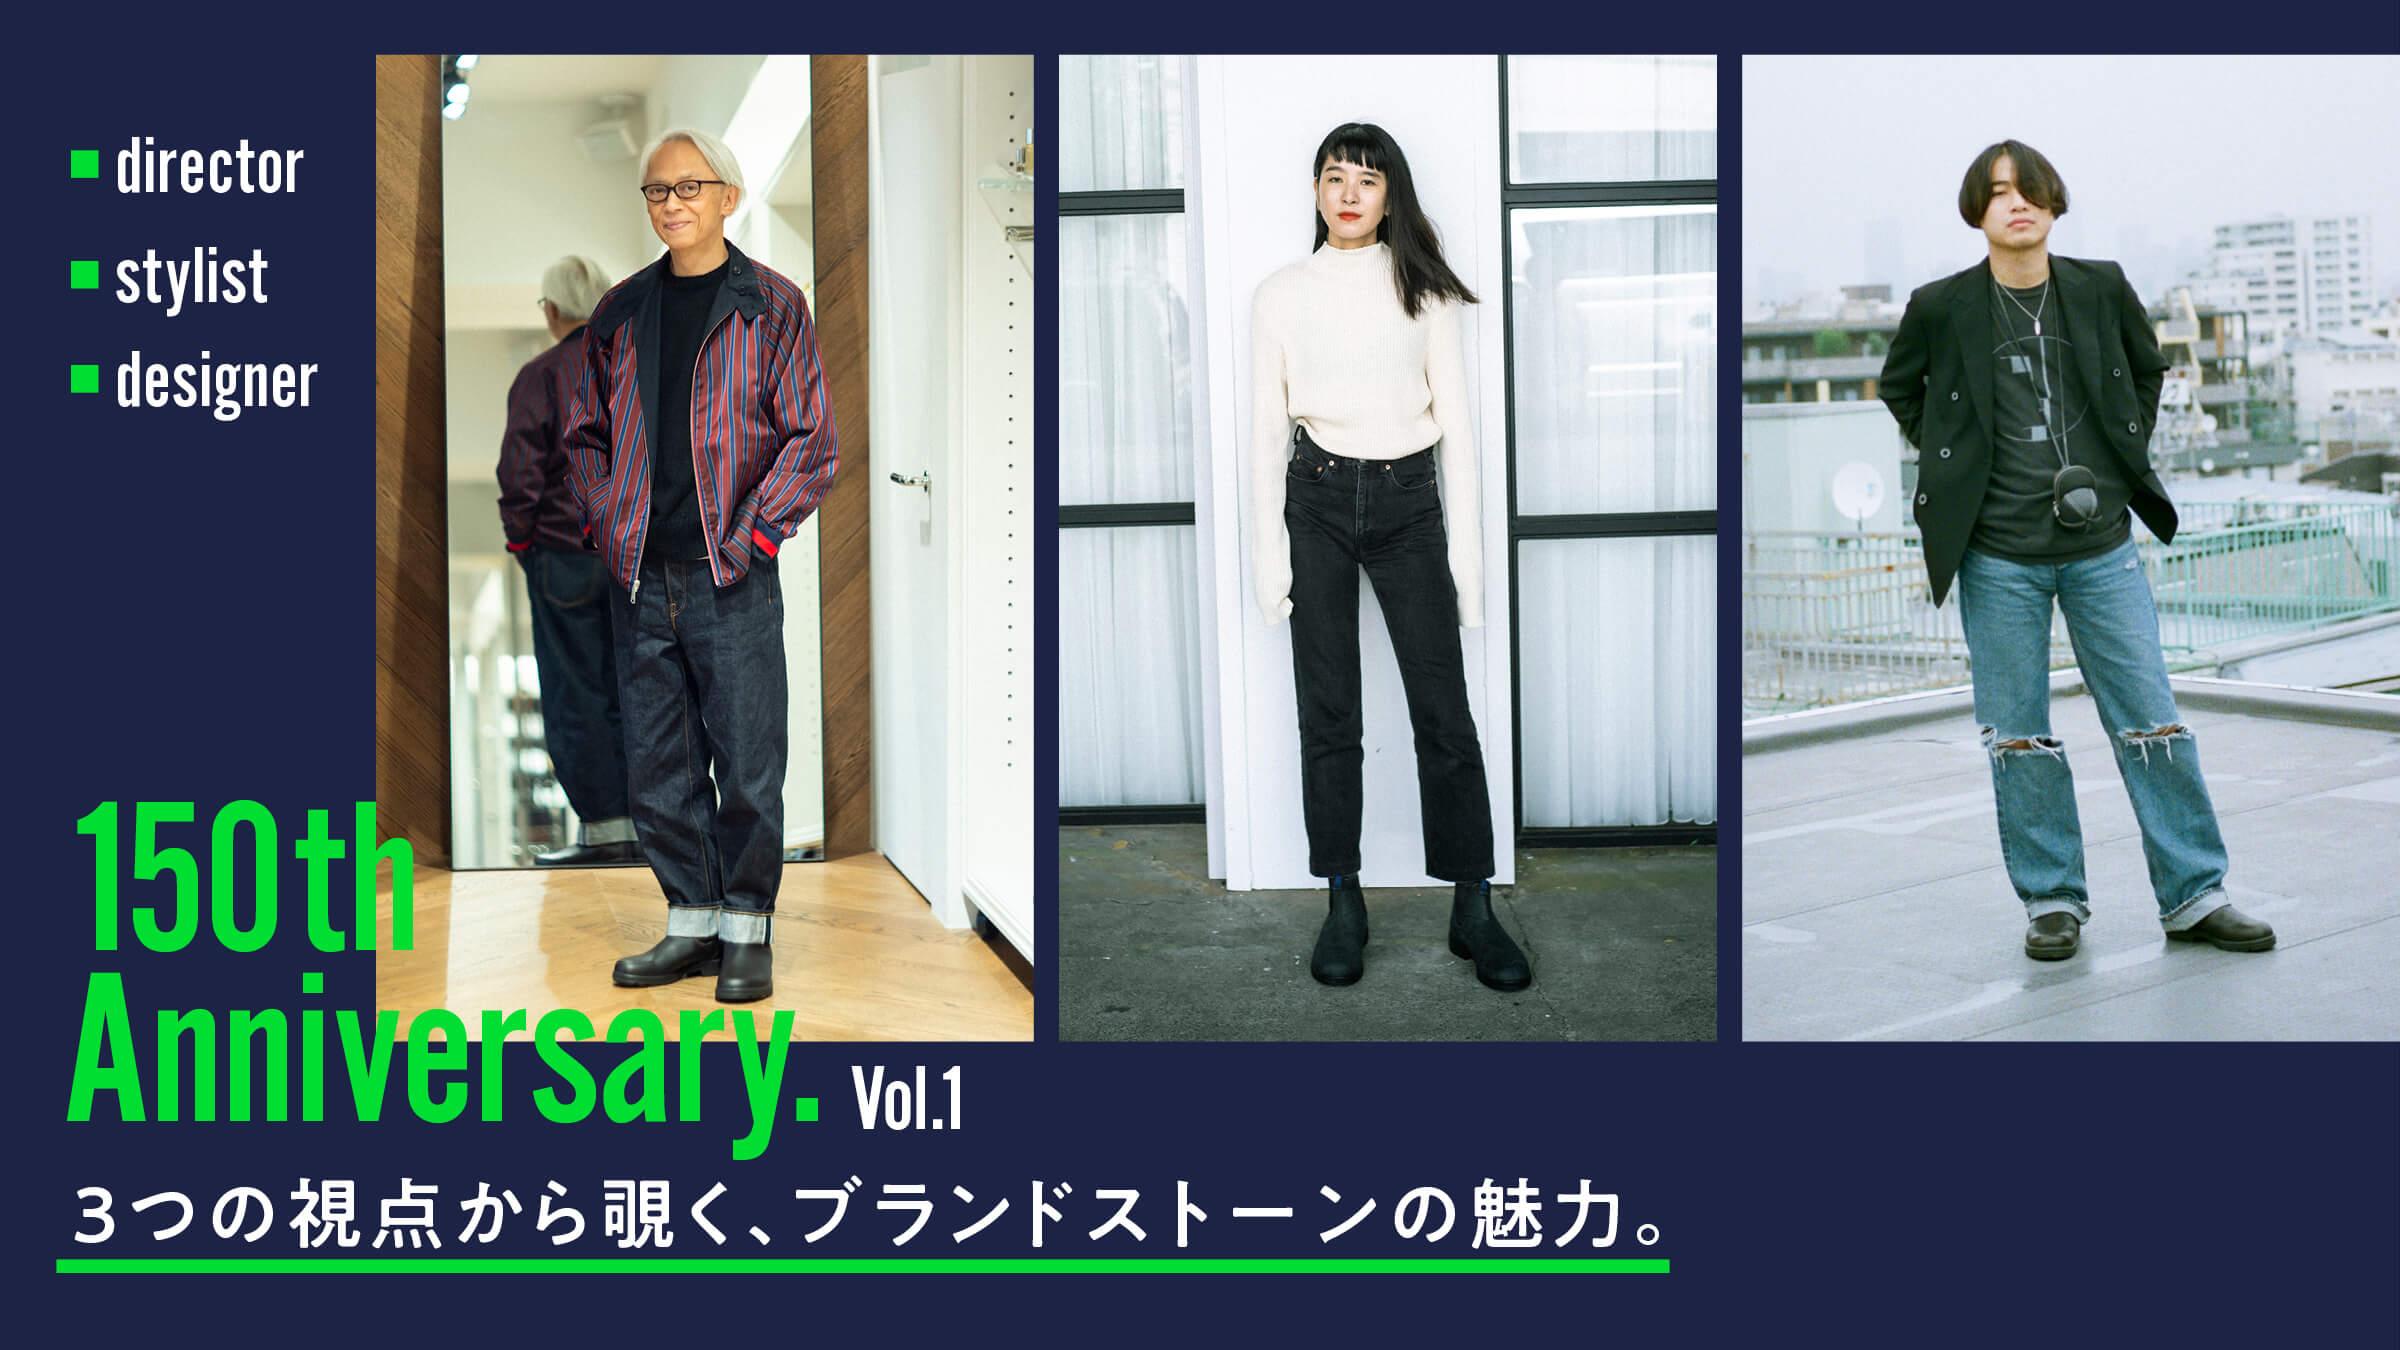 ディレクター、スタイリスト、デザイナー。 3つの視点から覗く、ブランドストーンの魅力。